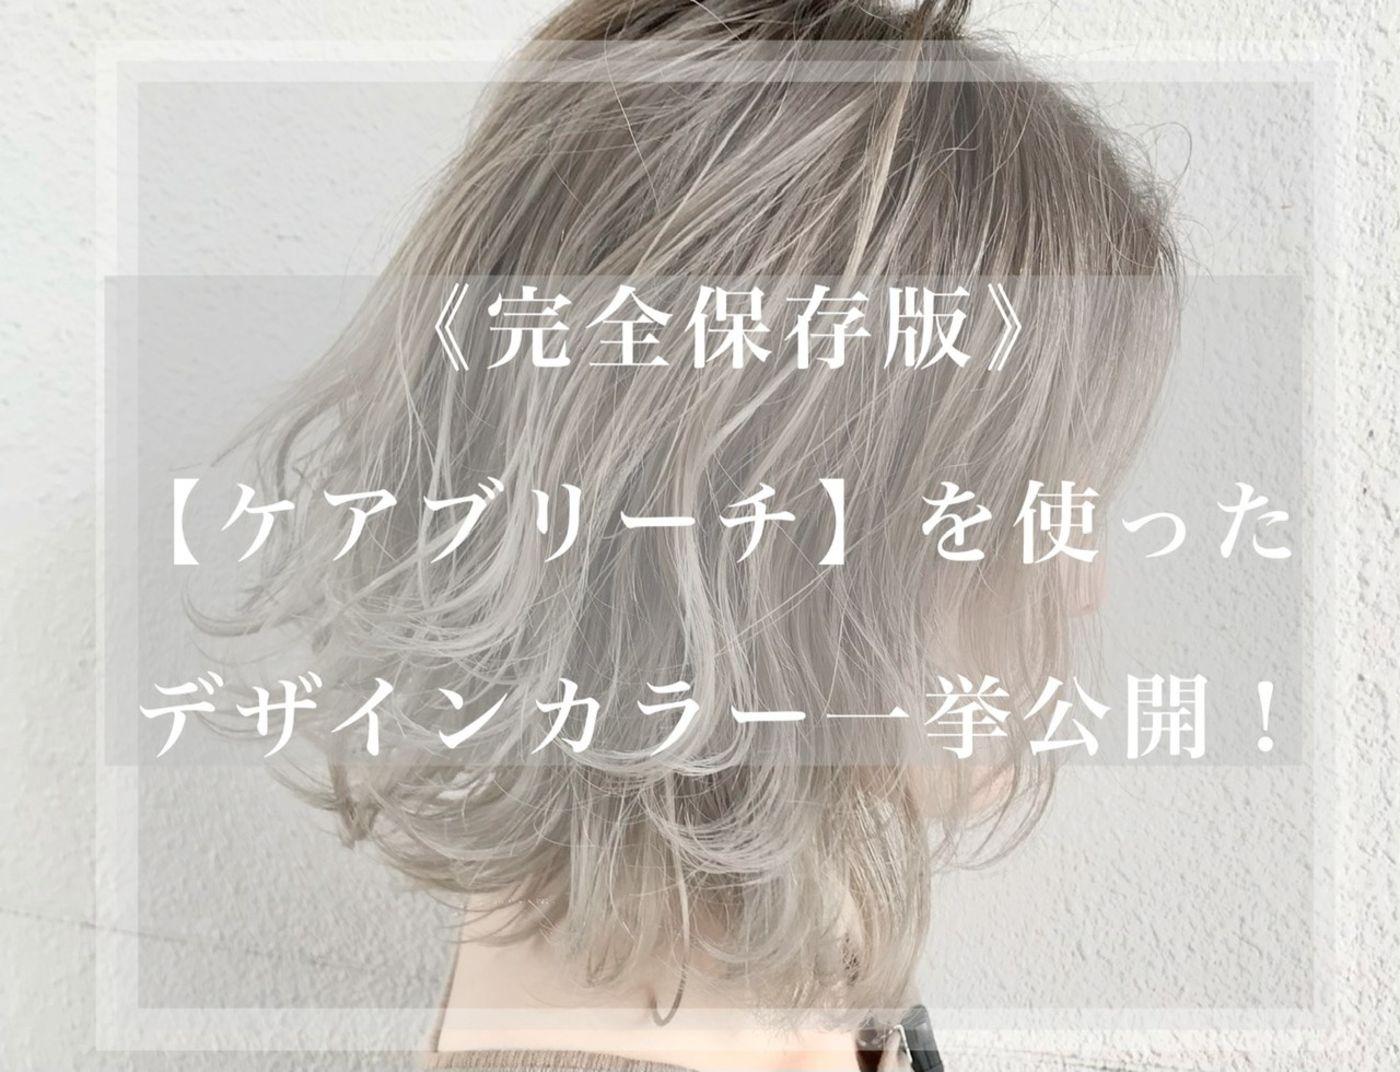 《完全保存版》【ケアブリーチ】を使ったデザインカラー一挙公開!